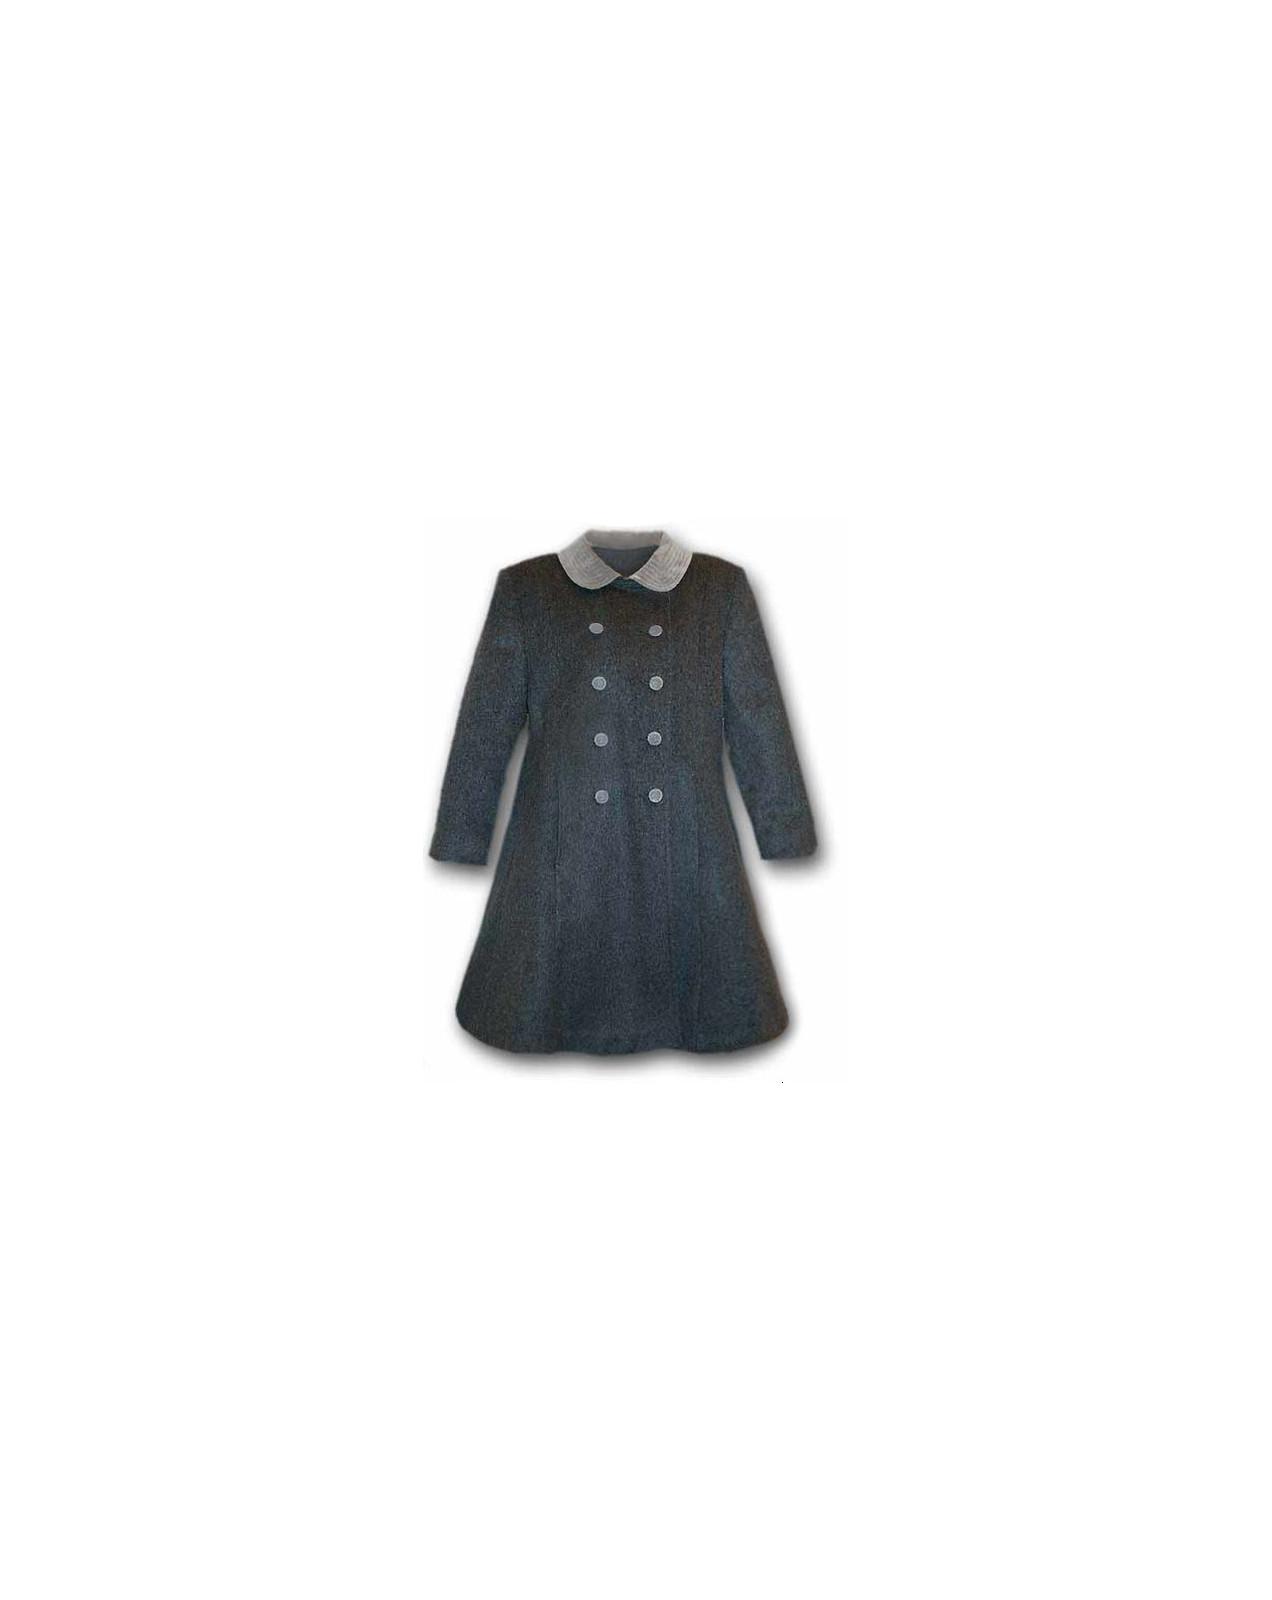 Anna cappotto